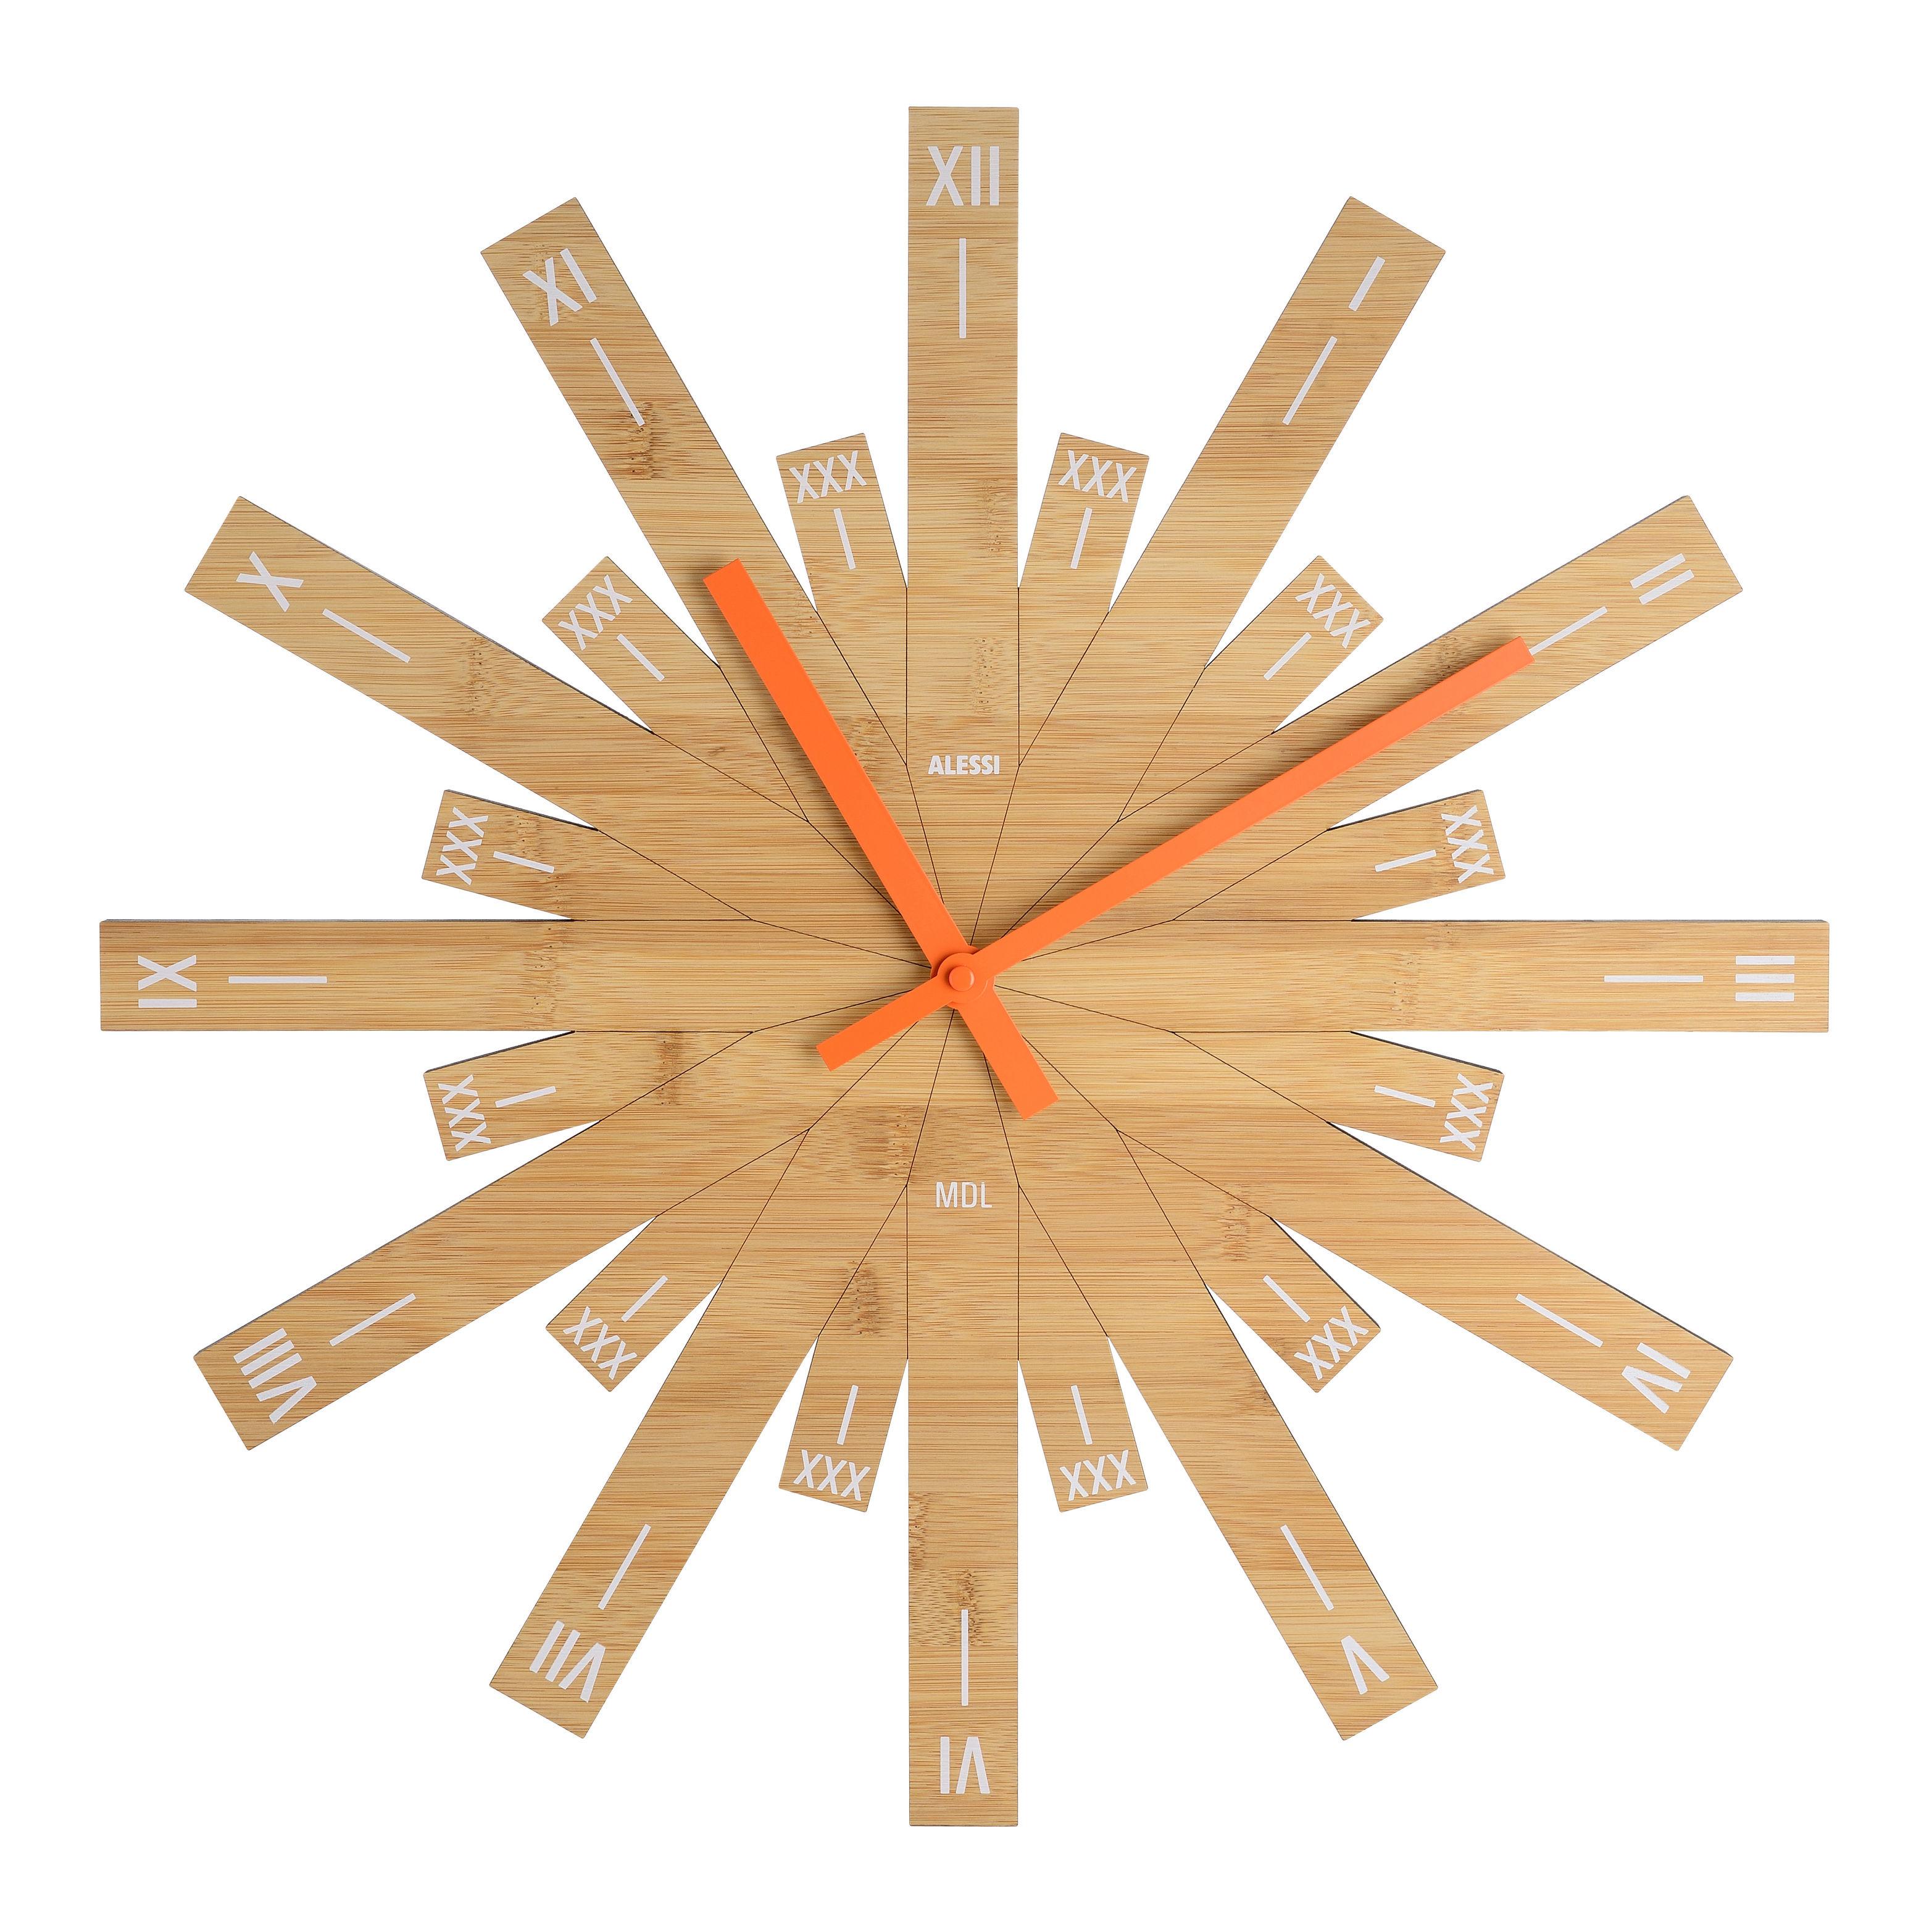 Déco - Horloges  - Horloge murale Raggiante / Bambou- Ø 48 cm - Alessi - Bois / Aiguilles oranges - Bambou